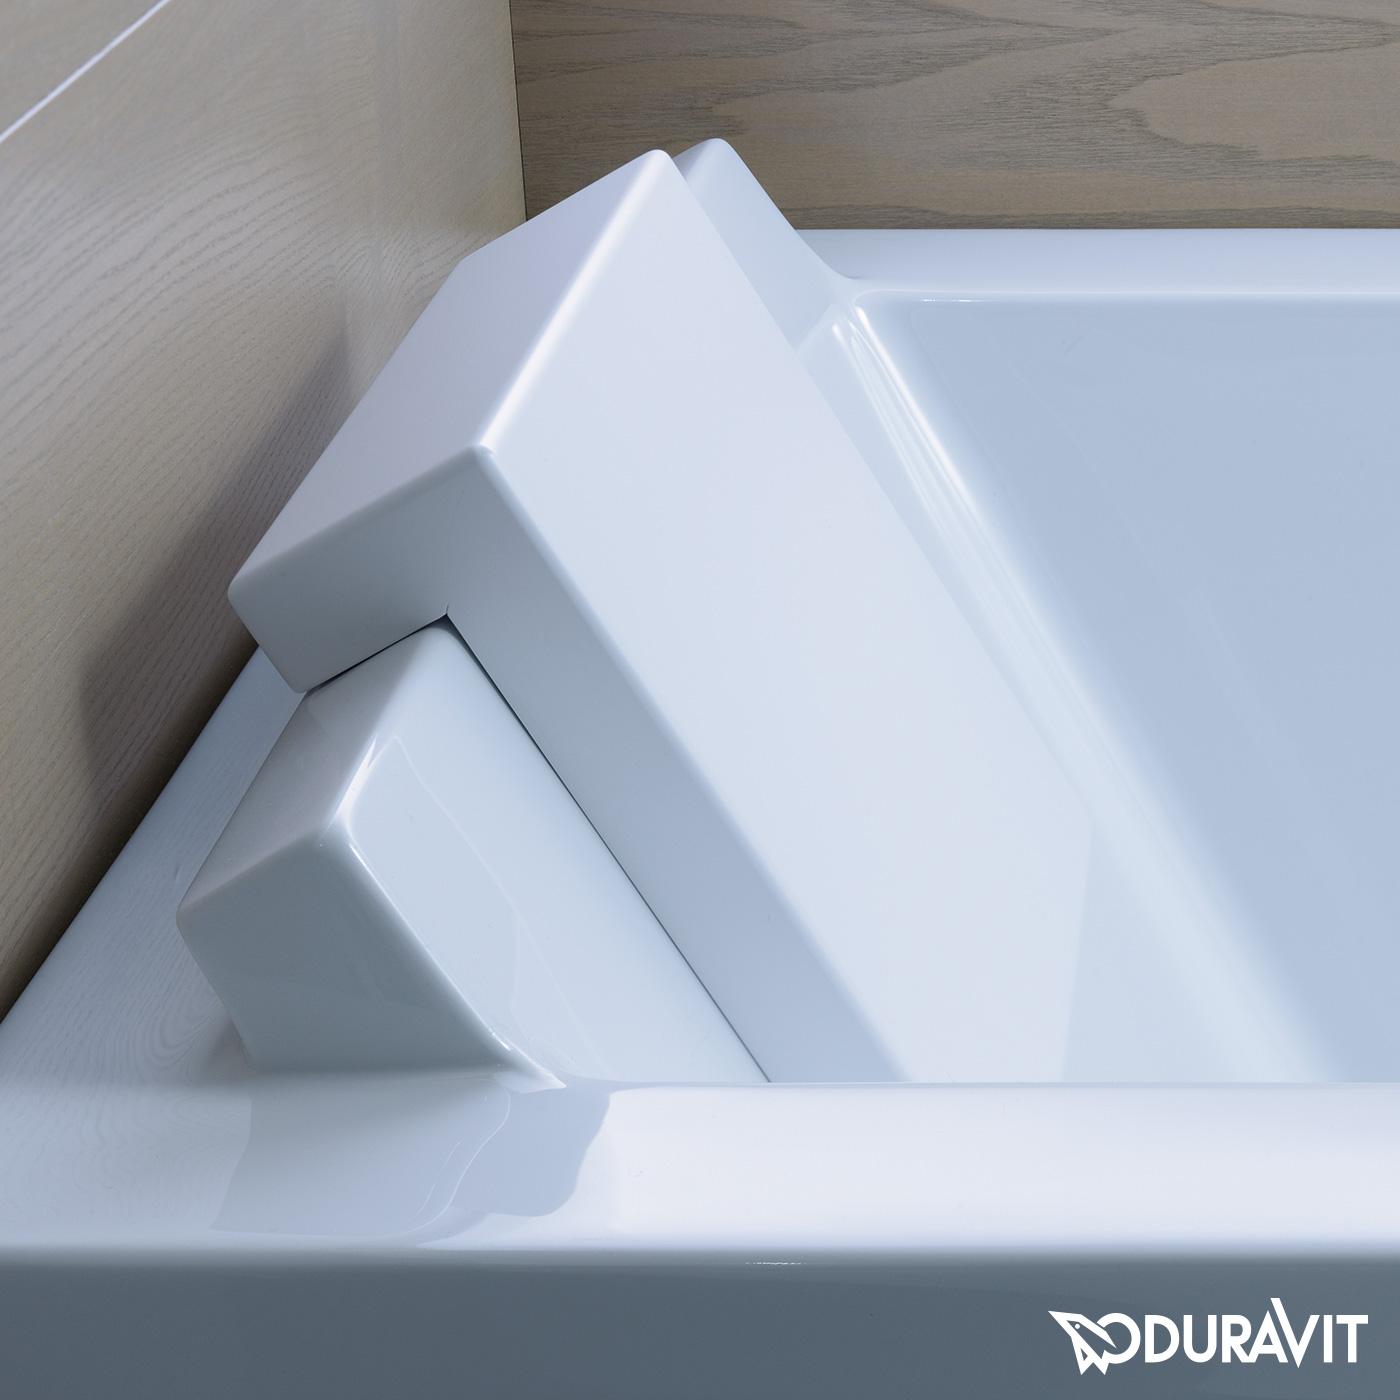 duravit starck nackenkissen f r badewanne. Black Bedroom Furniture Sets. Home Design Ideas